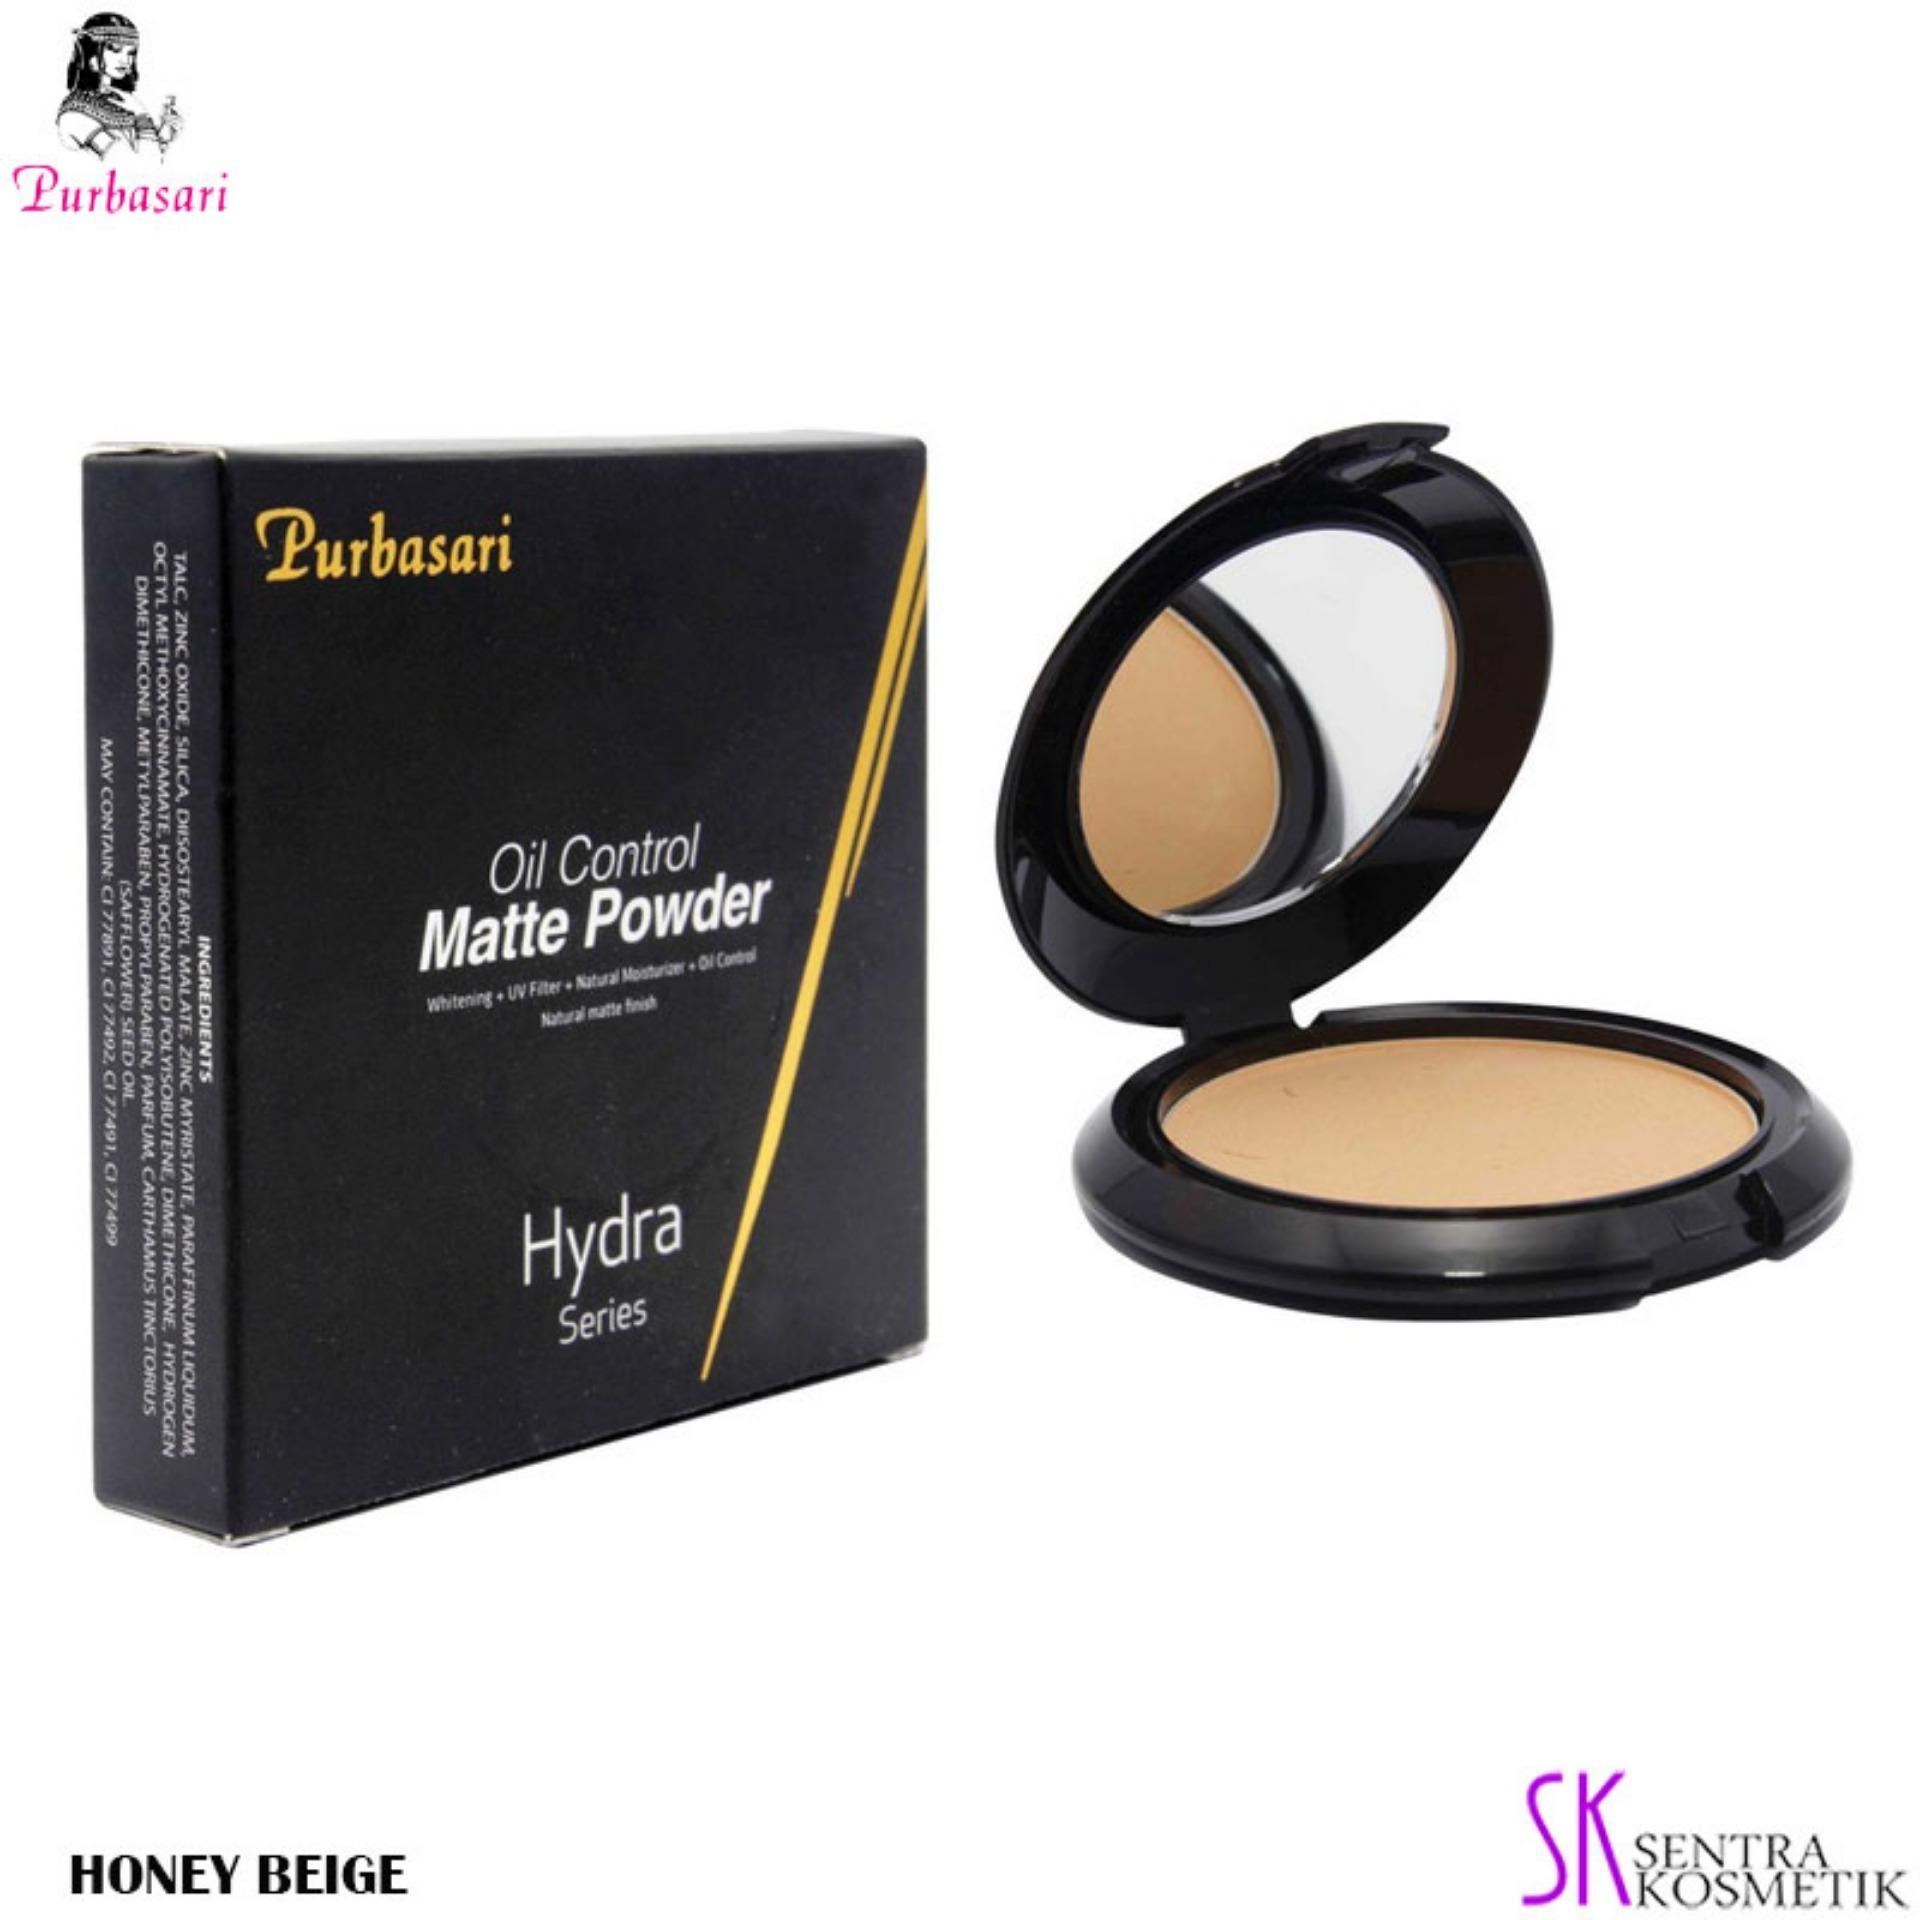 Bedak Compact Powder Terlengkap Natural 01 Padat Bioaqua Make Up Professional Purbasari Oil Control Matte Honey Beige